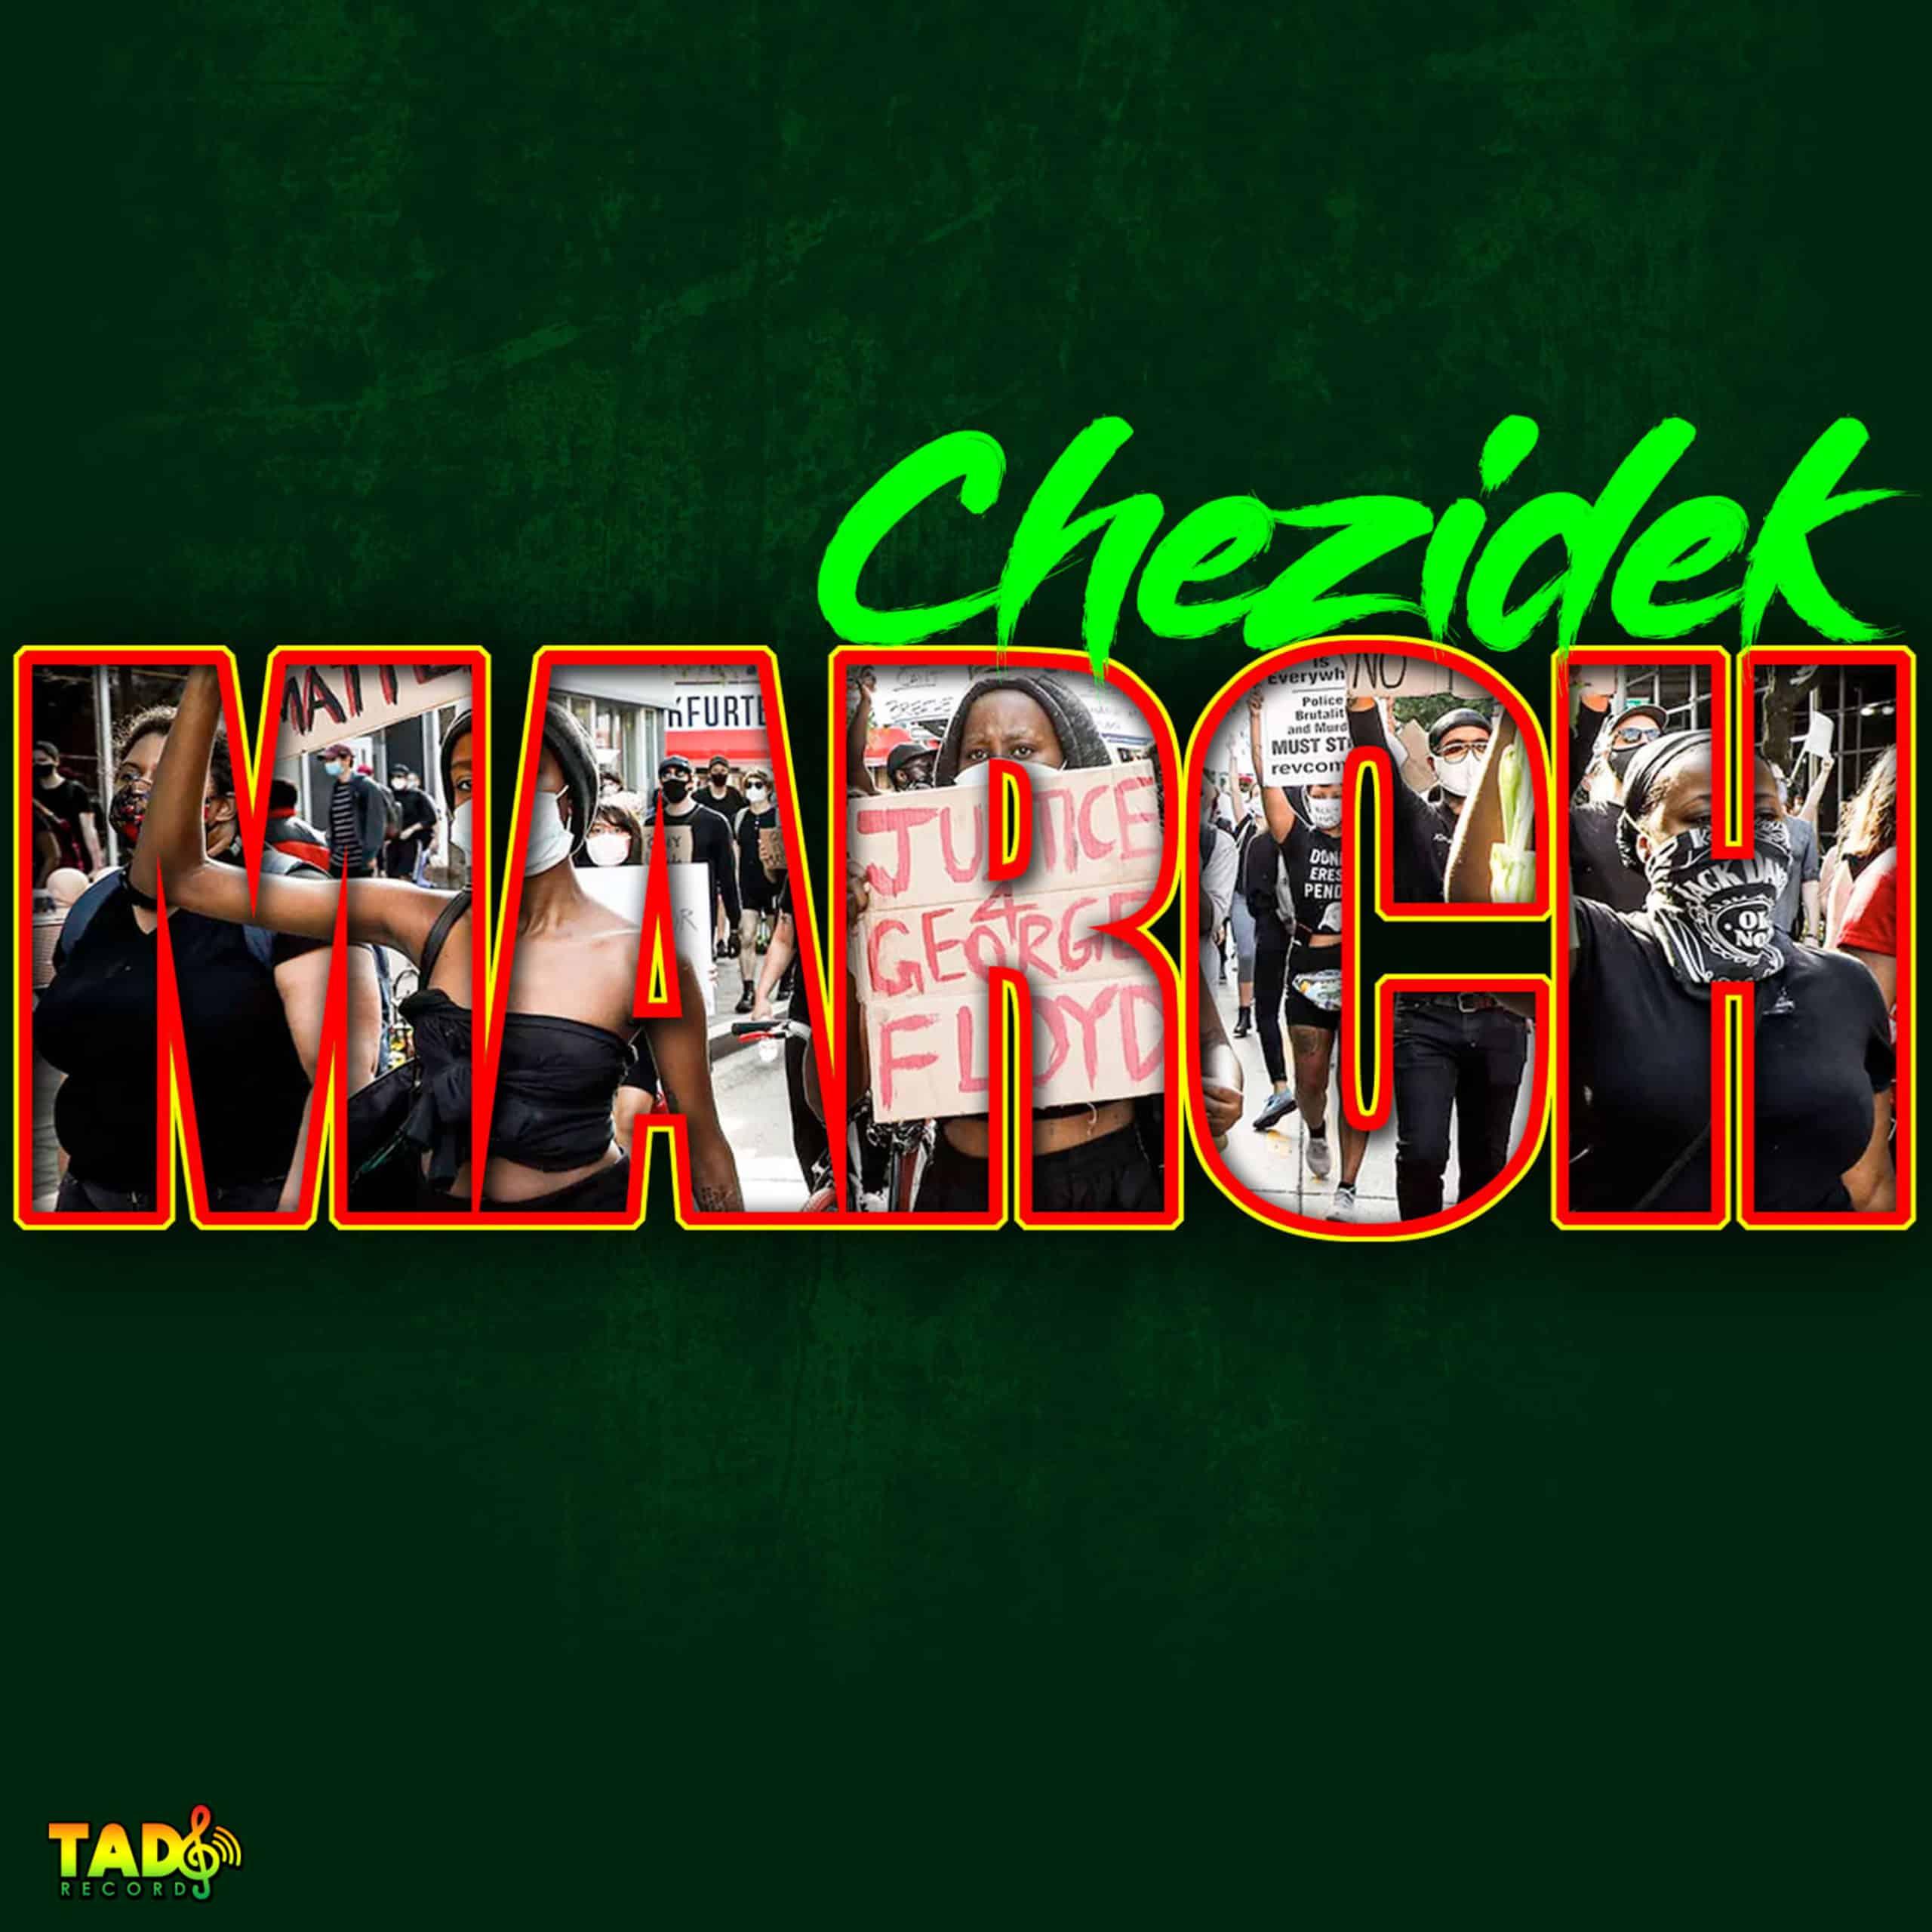 Chezidek - March